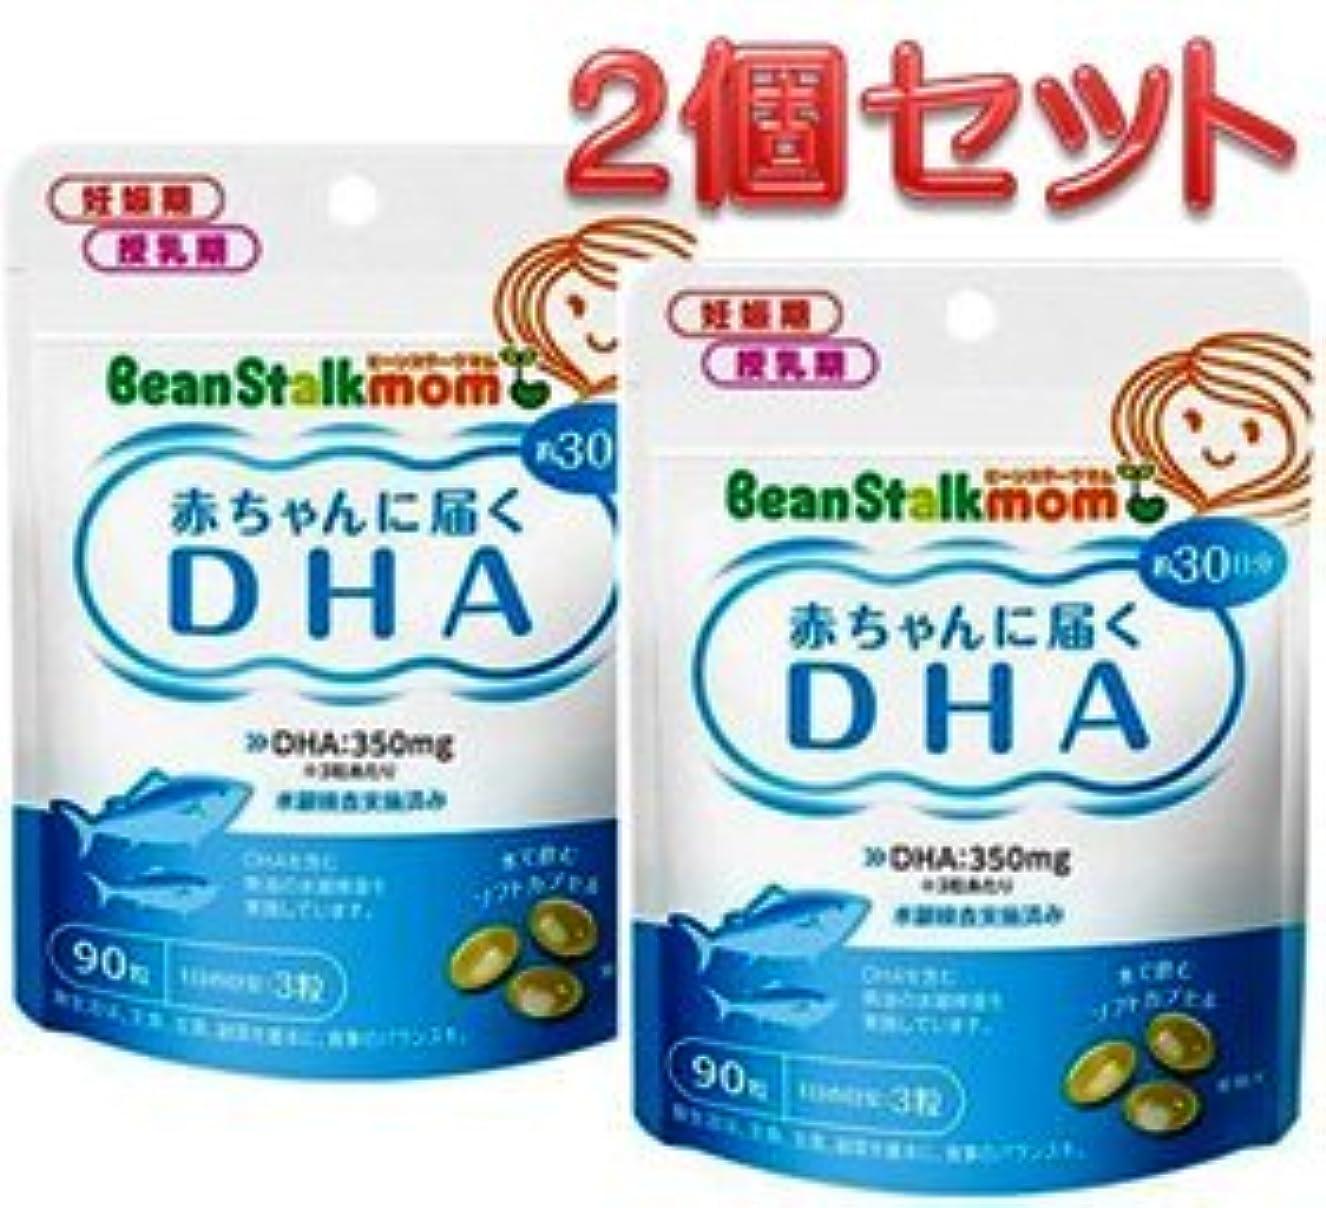 行人柄移行ビーンスターク?スノー ビーンスタークマム 母乳にいいもの赤ちゃんに届くDHA90粒(30日分) ×2個セット2か月分